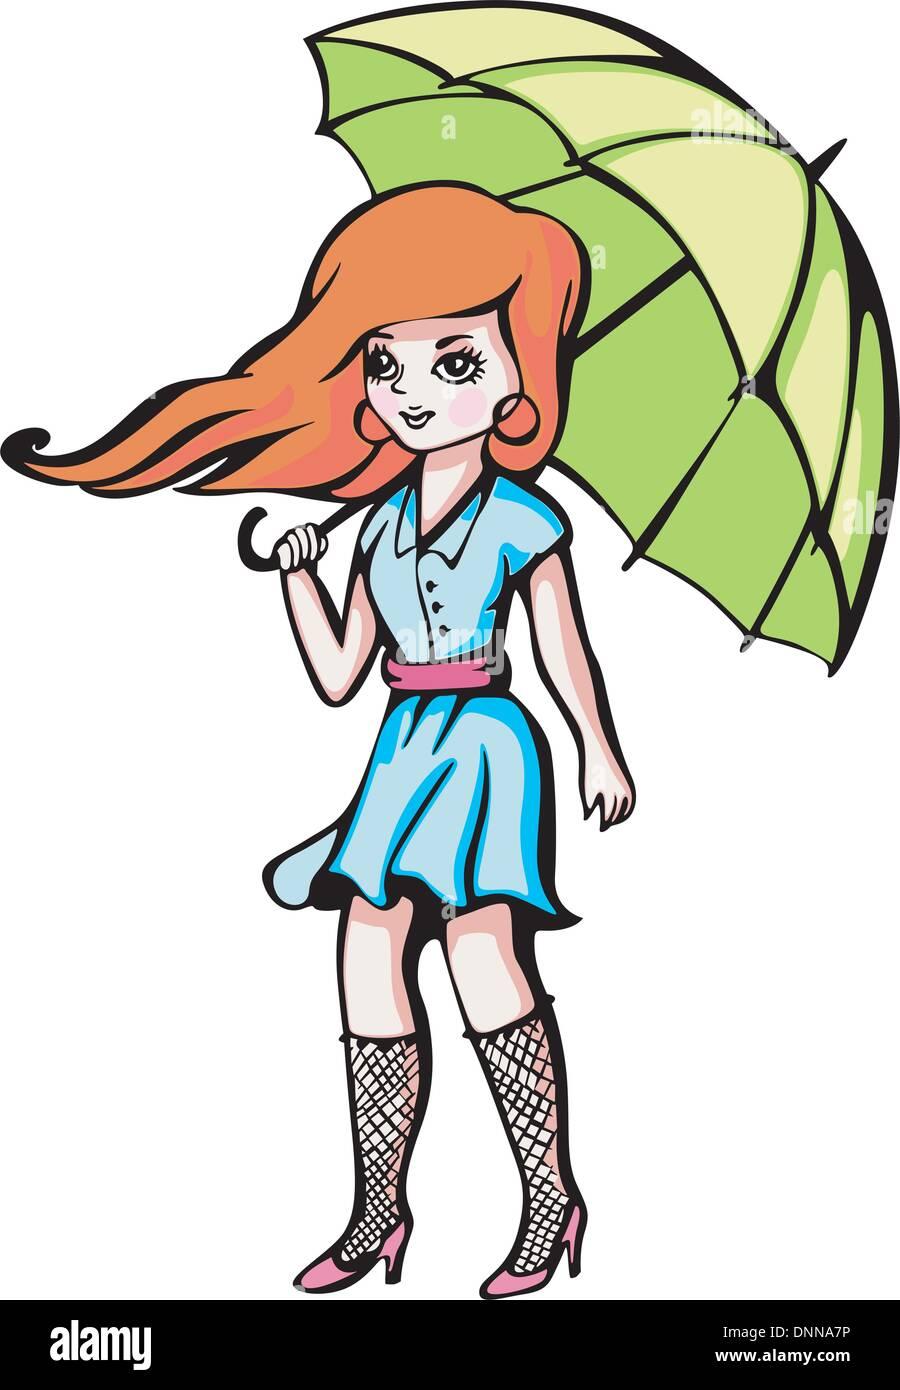 Niña con sombrilla. Color ilustración vectorial. Imagen De Stock